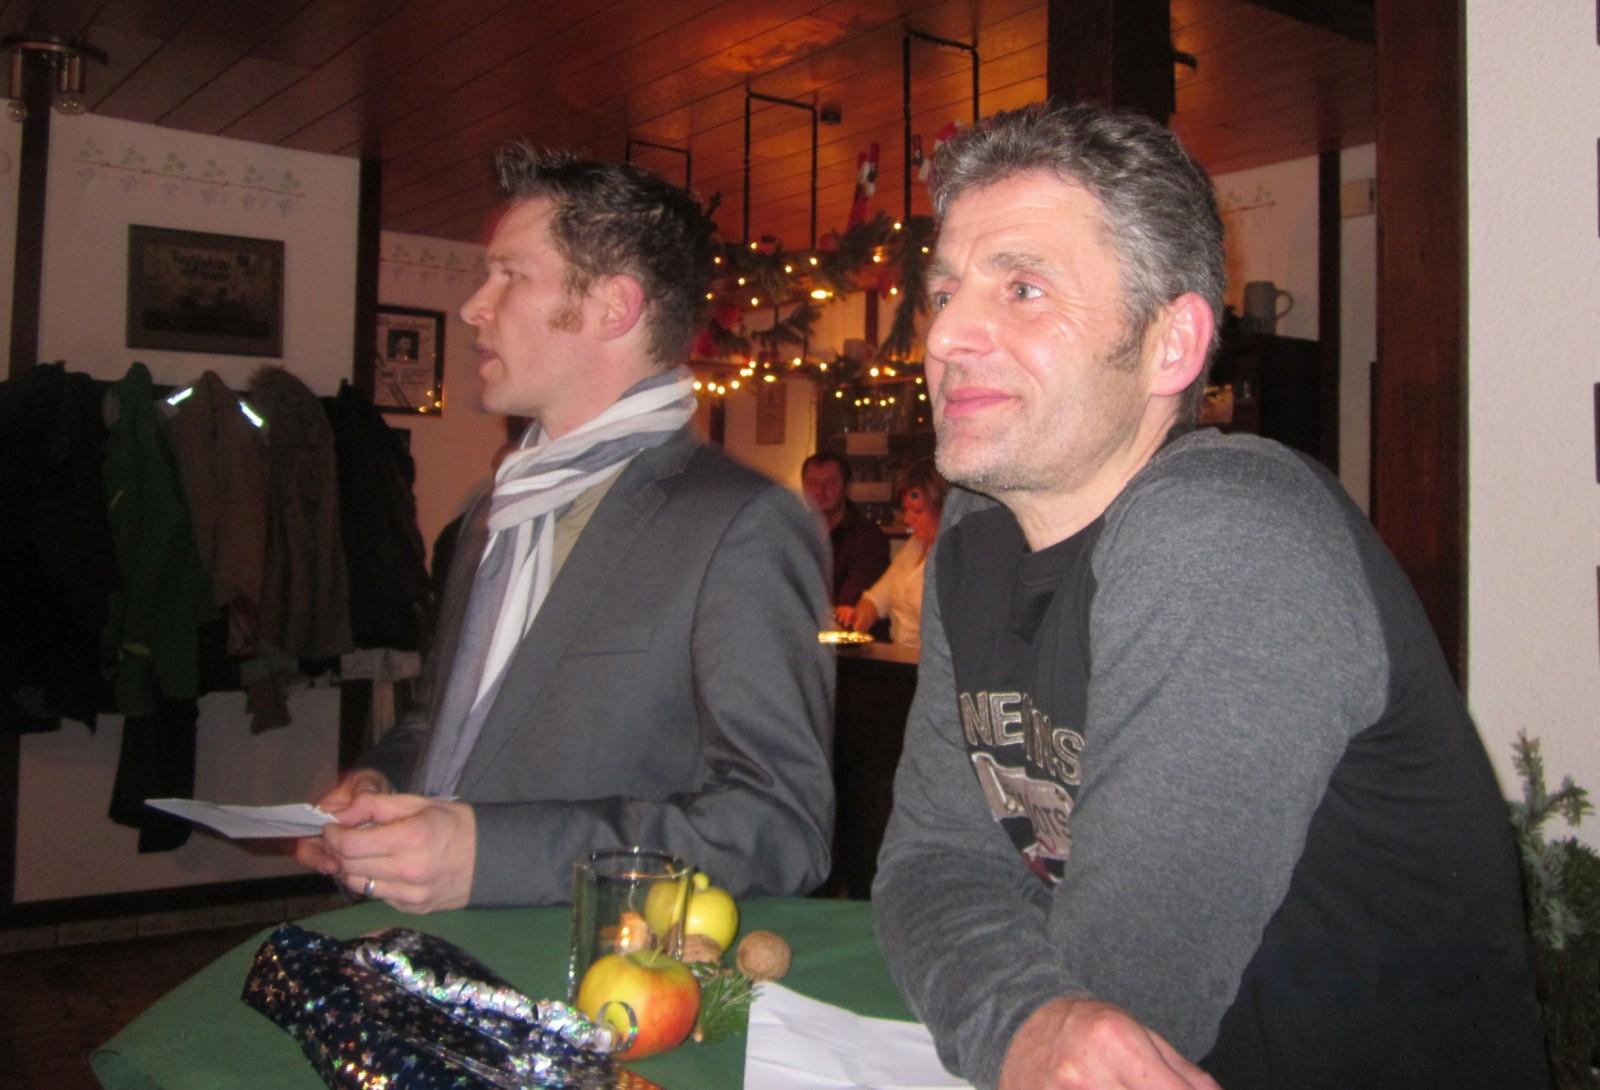 Informationen des RSG Triathlon-Teams, Thorsten Völkel (links) und Klaus Scheele (rechts), RSG Weihnachtsfeier 2013